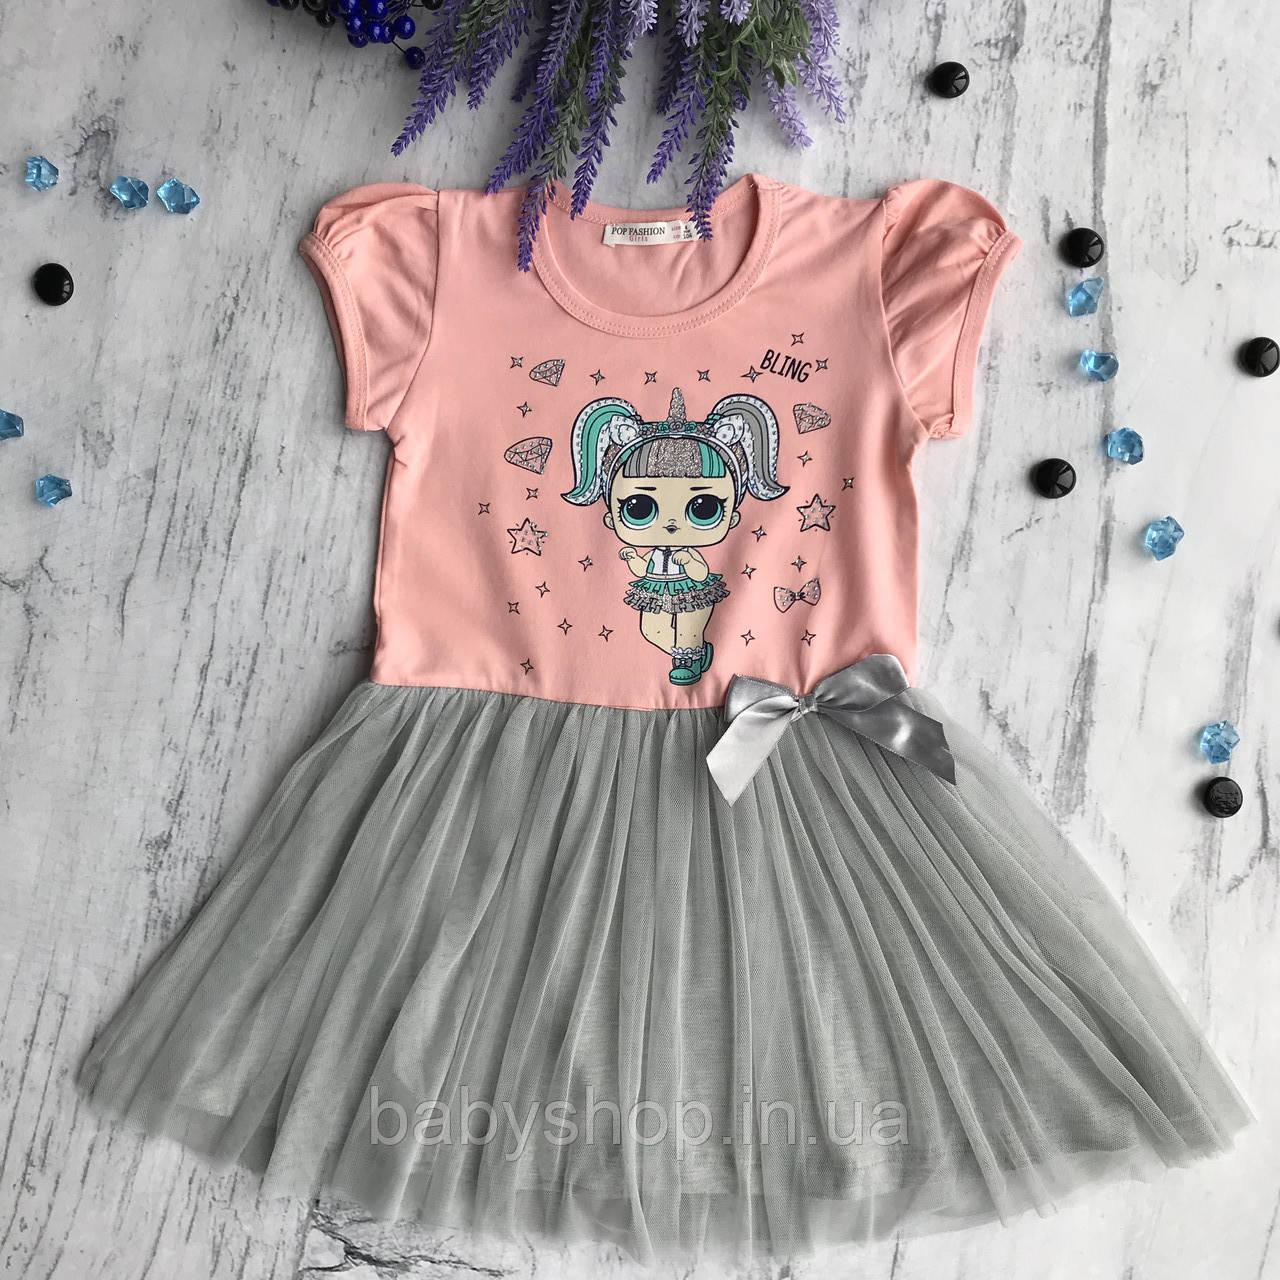 Летнее платье на девочку Breeze Лол 15. Размеры 104 см, 110  см